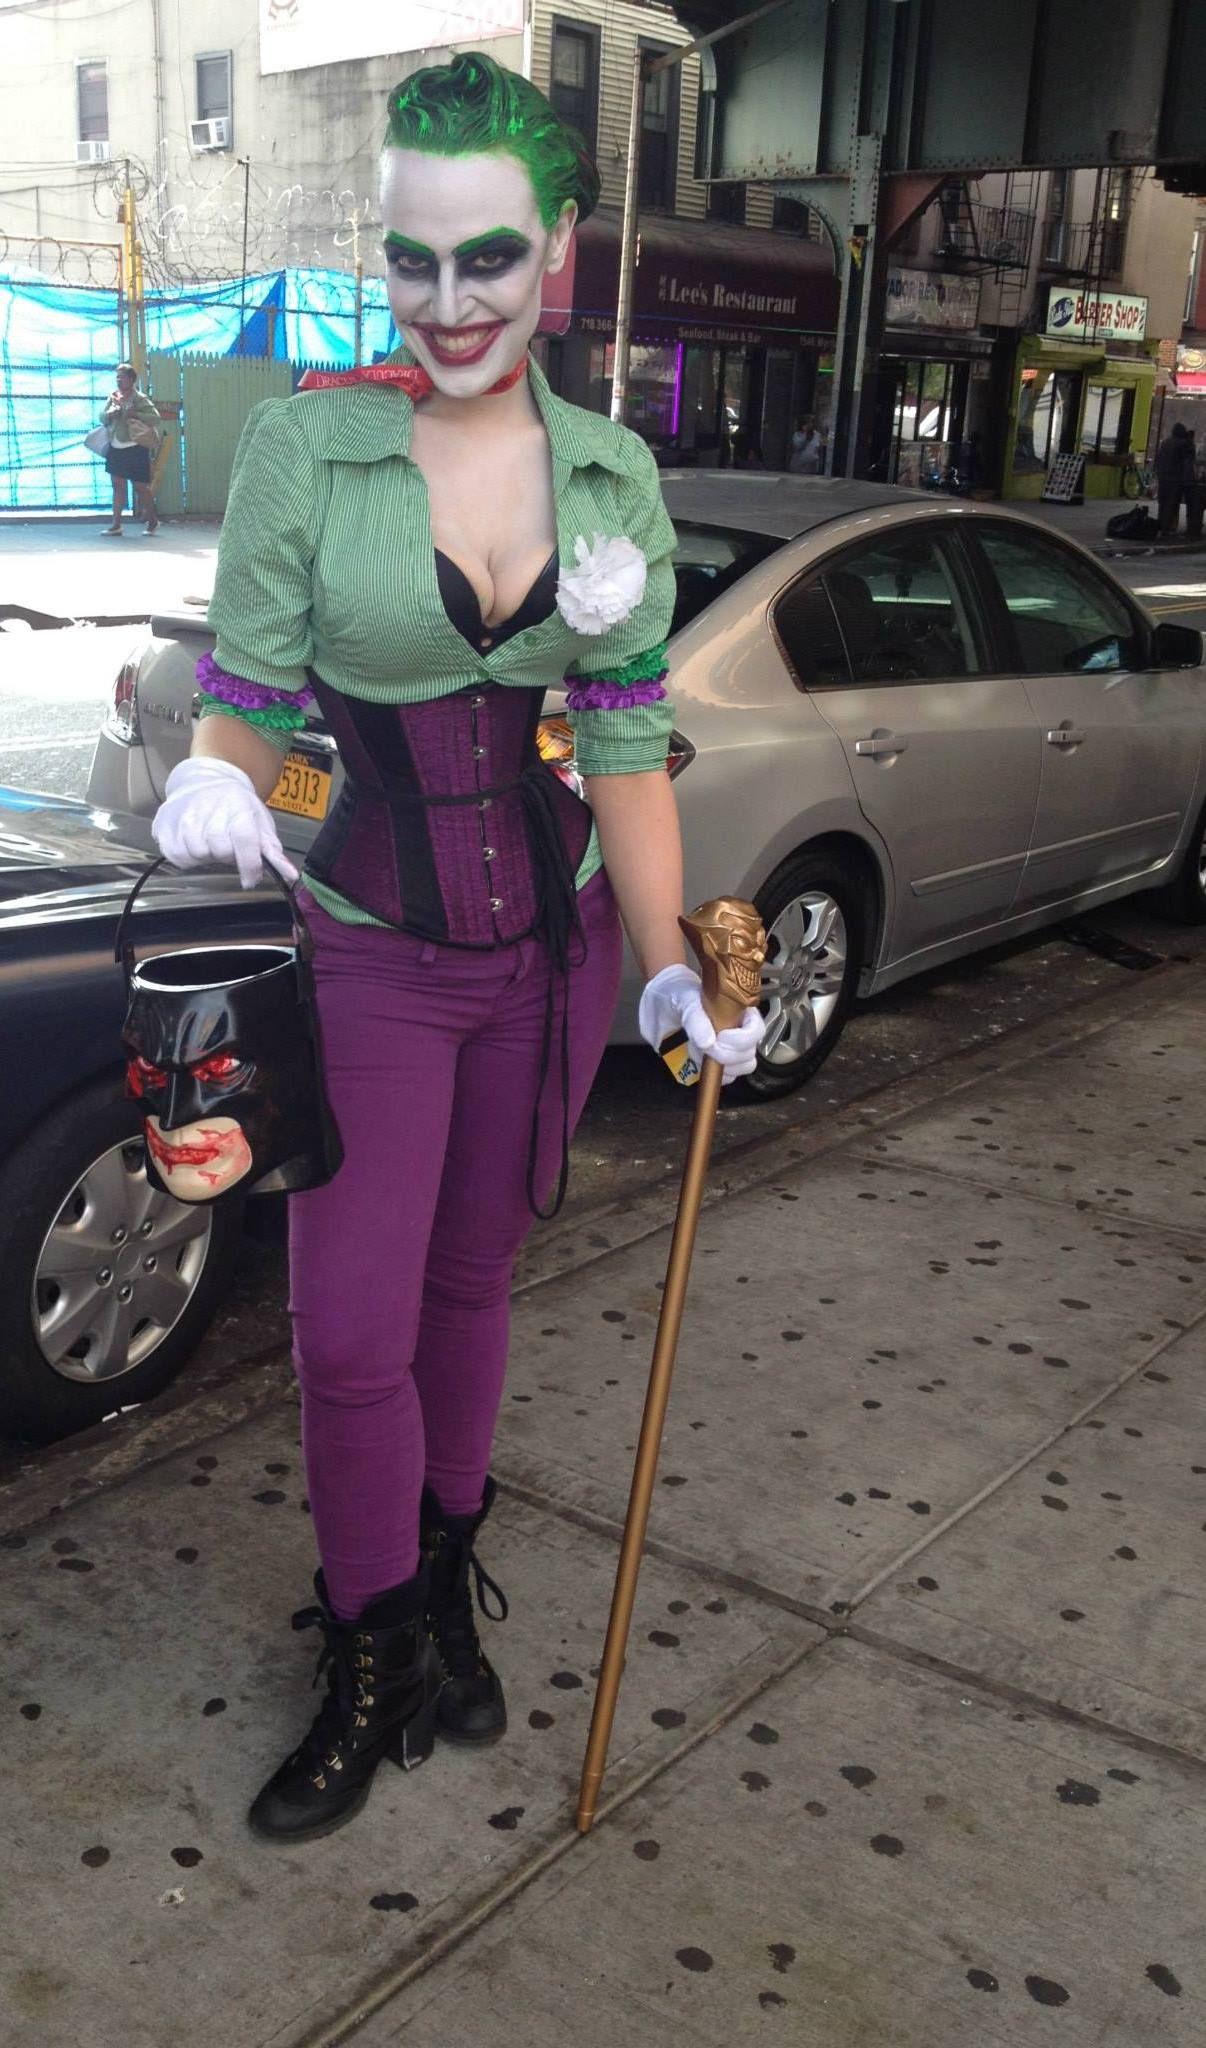 female joker Google Search (With images) Female joker